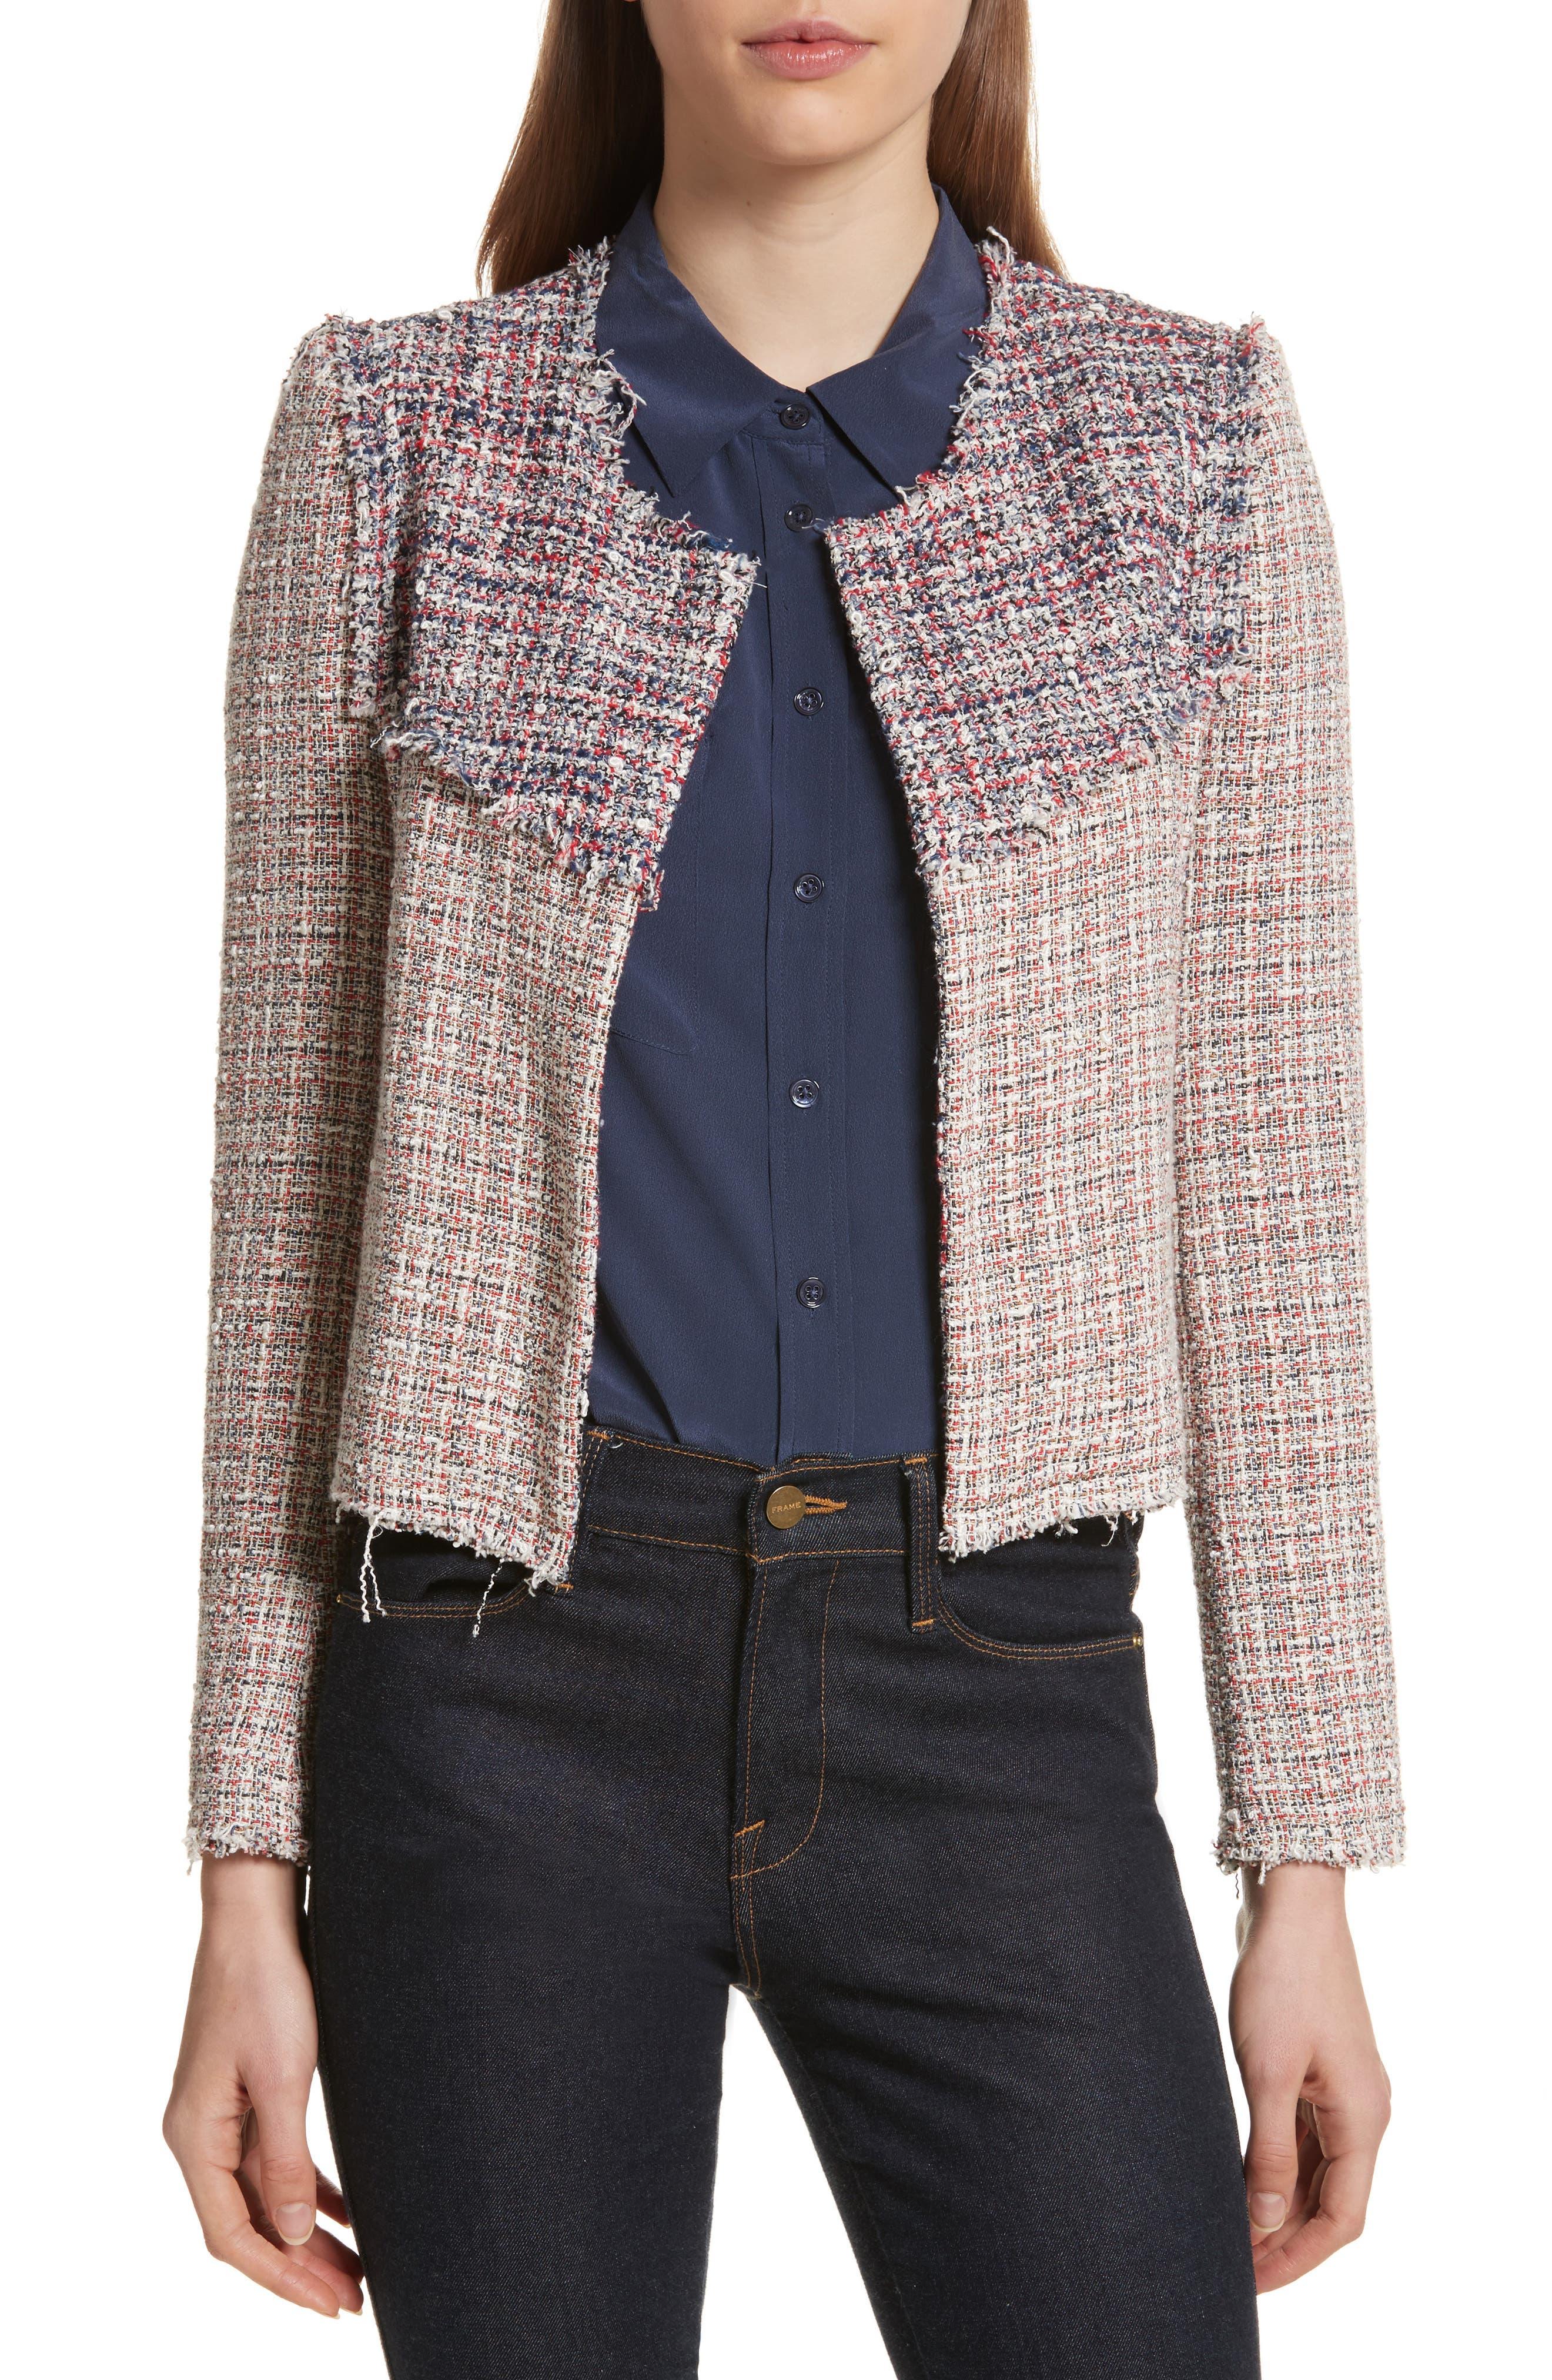 Walefa Tweed Jacket,                         Main,                         color, 651